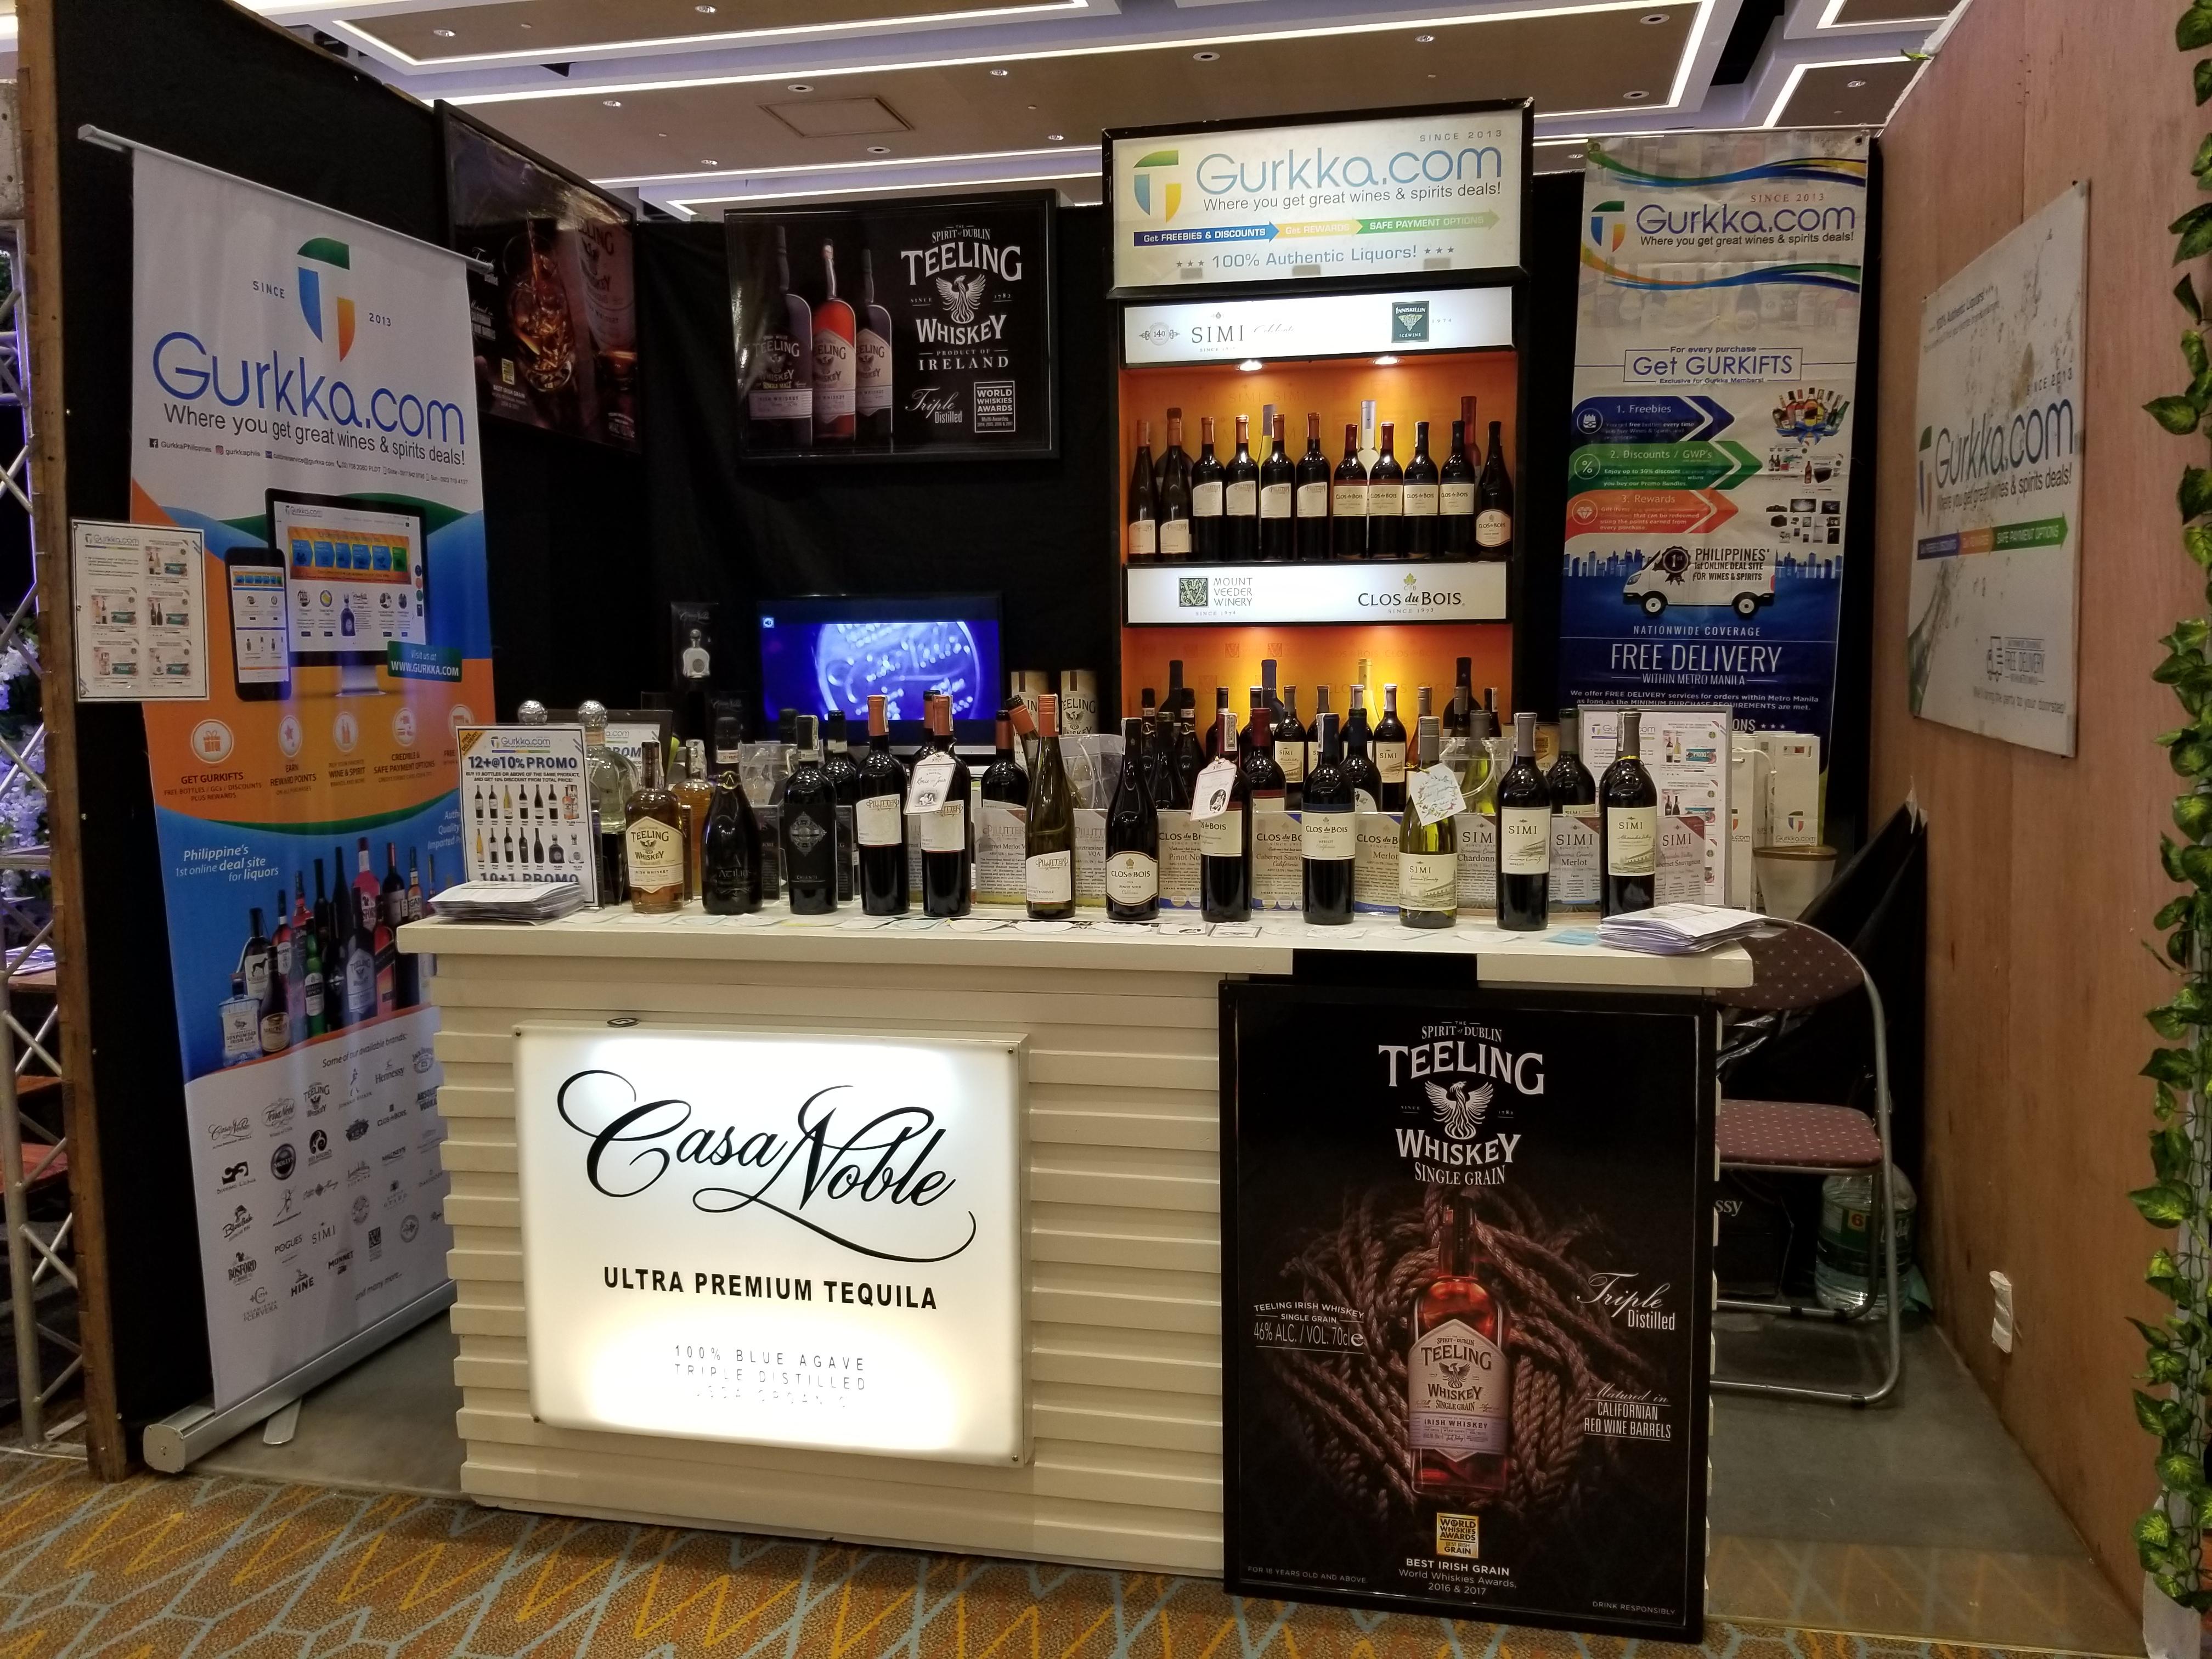 Gurkka   Where you get great wines & spirits deals!